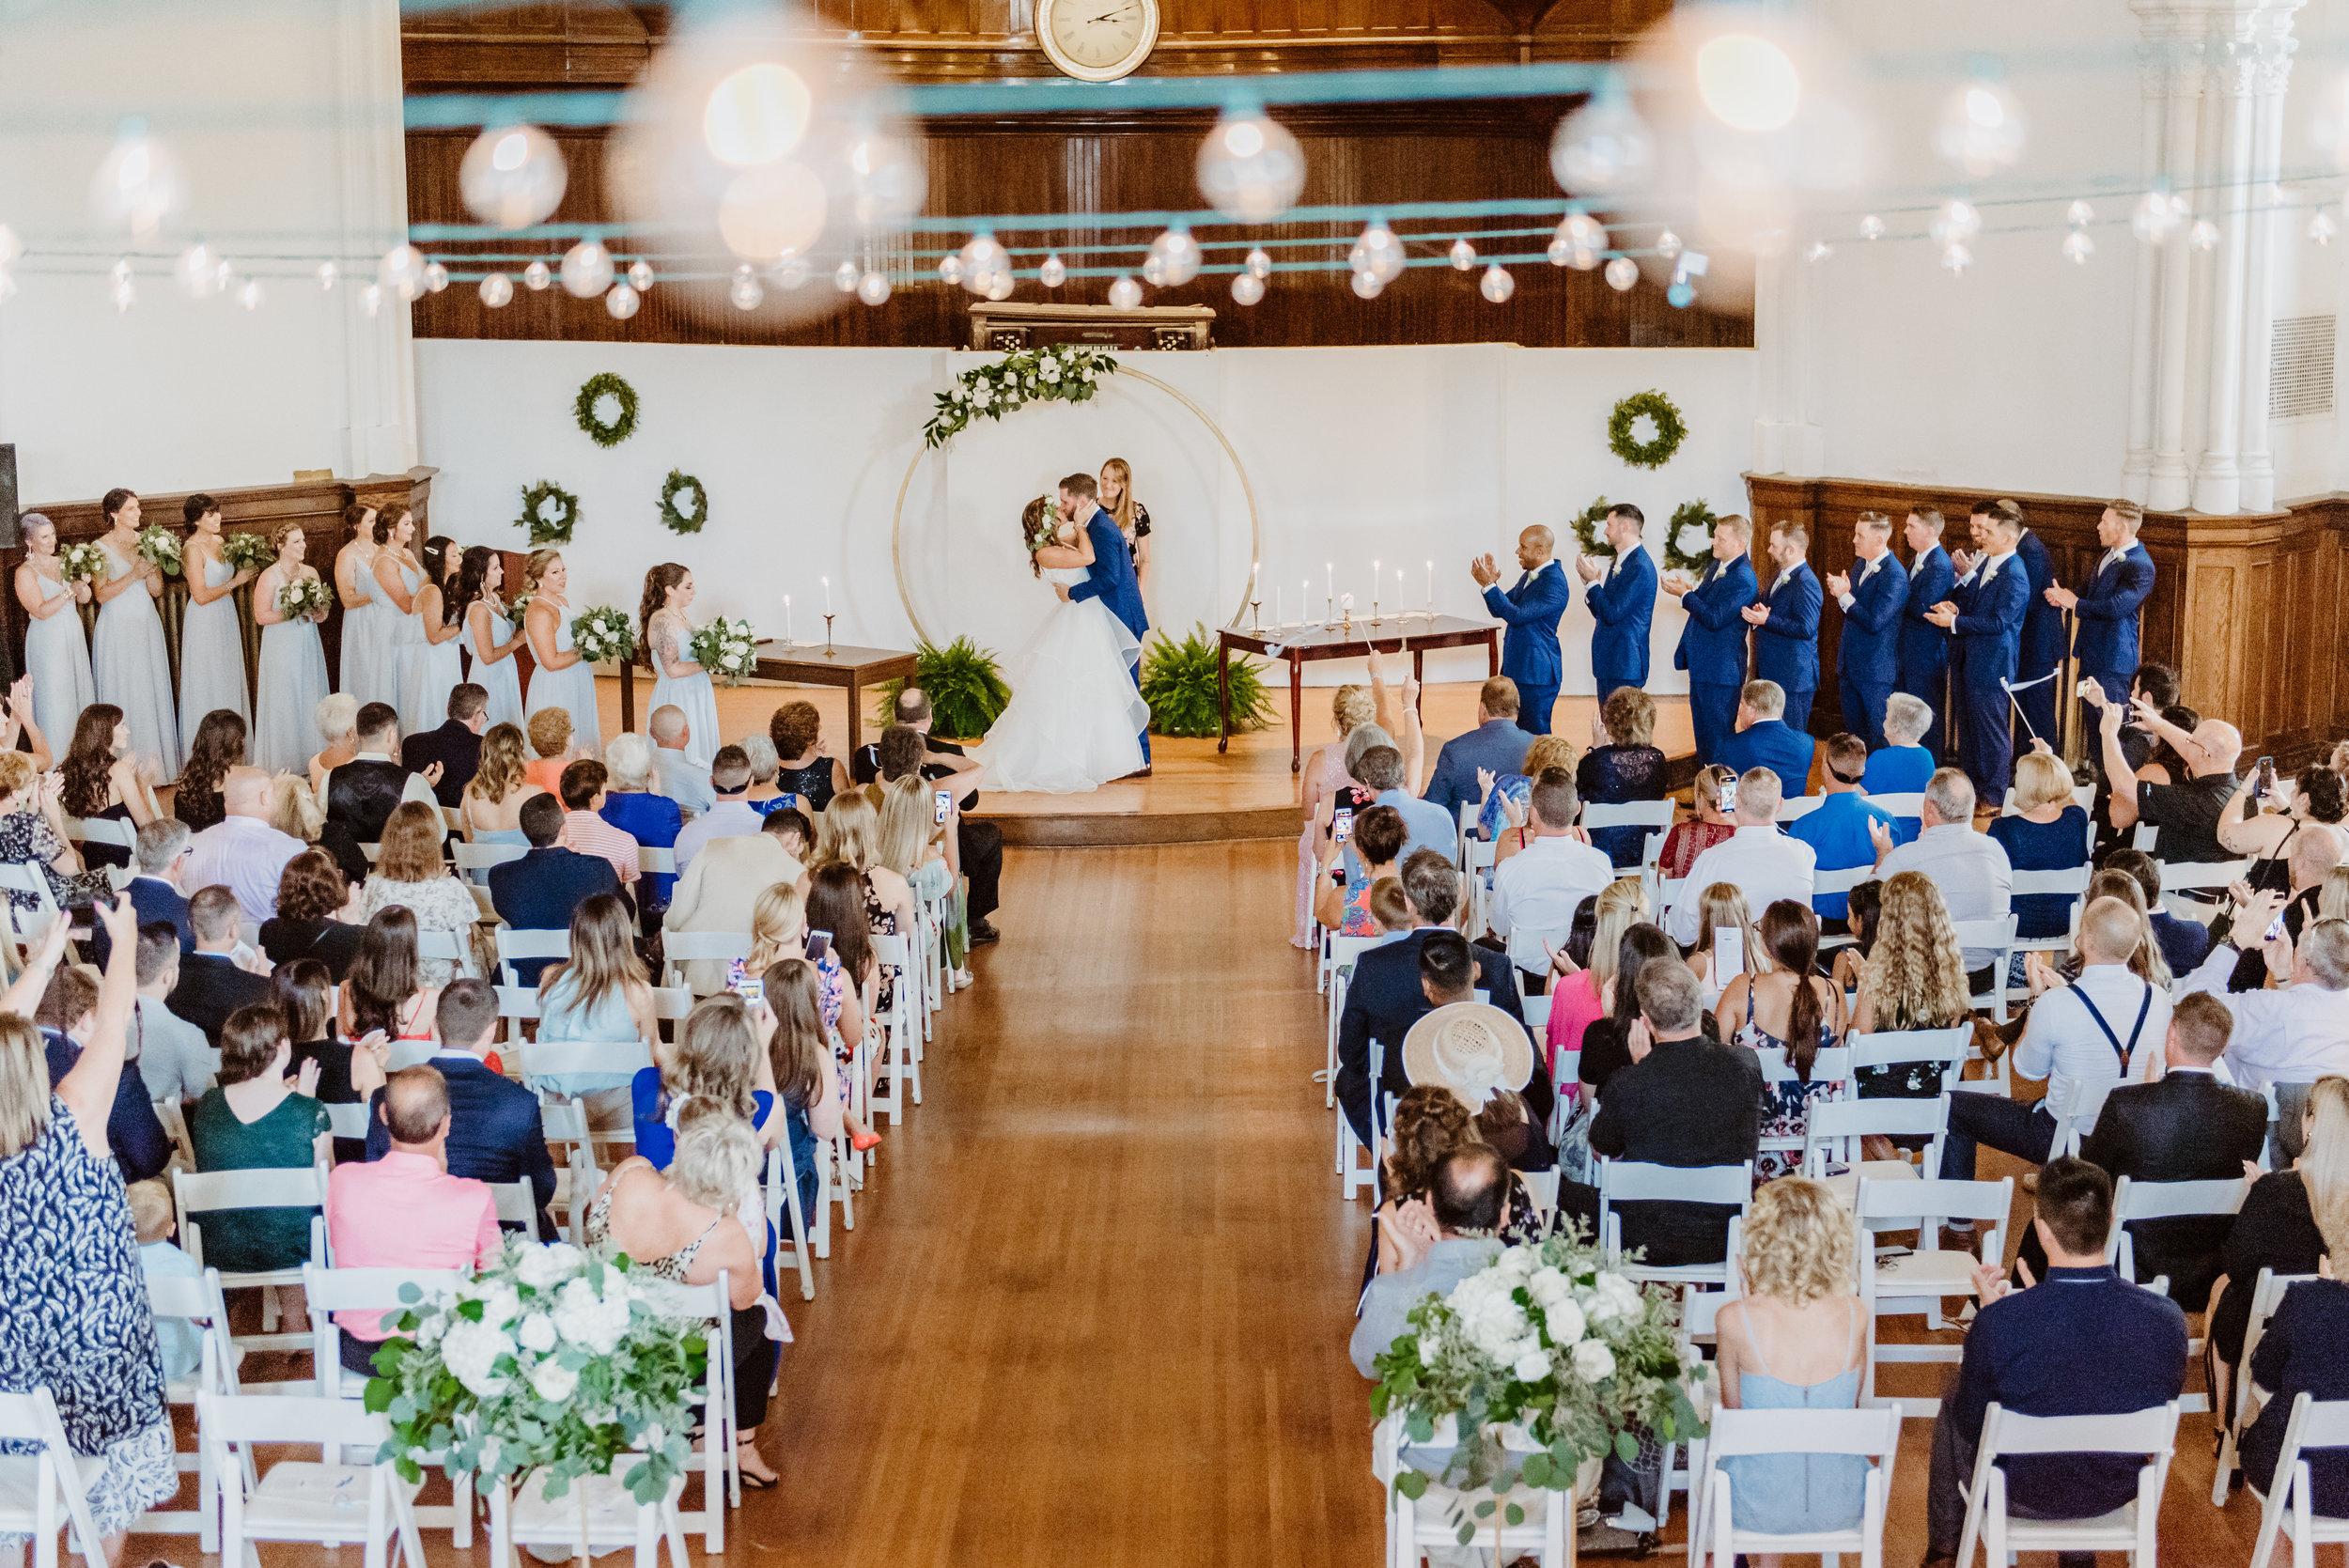 buffalo-ny-karpeles-wedding-ceremony-photographer.jpg